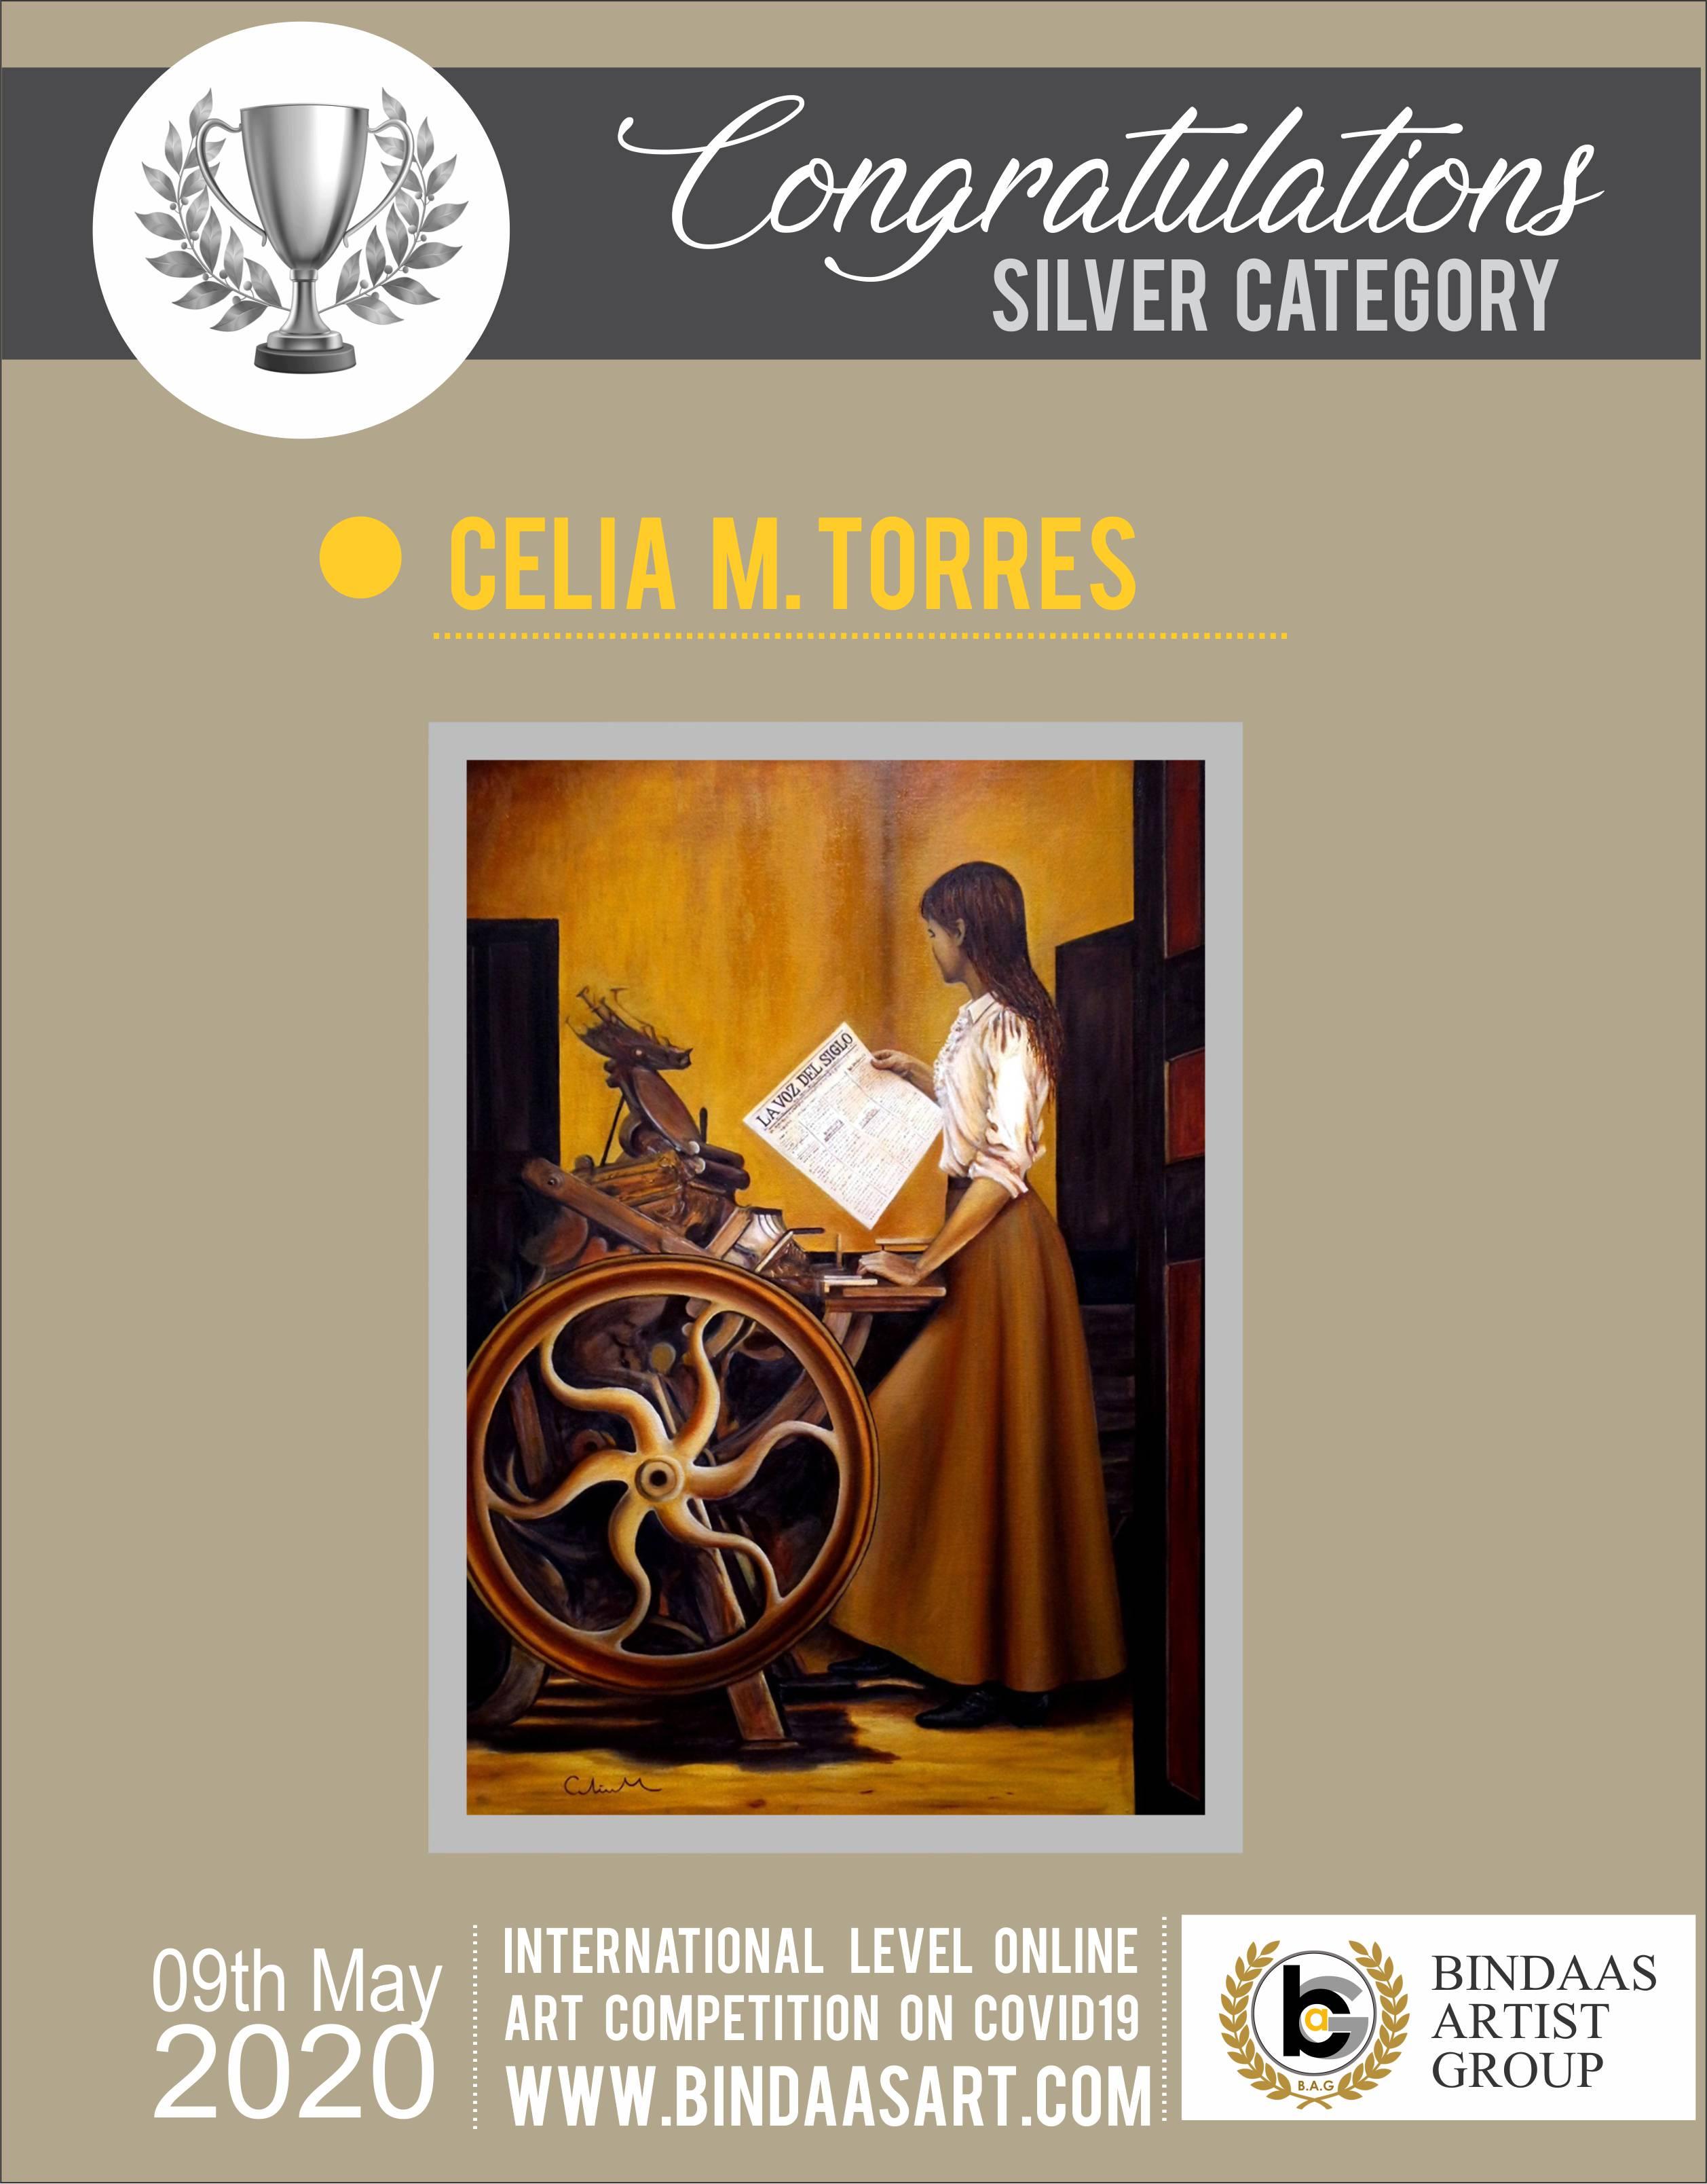 Celia M. Torres